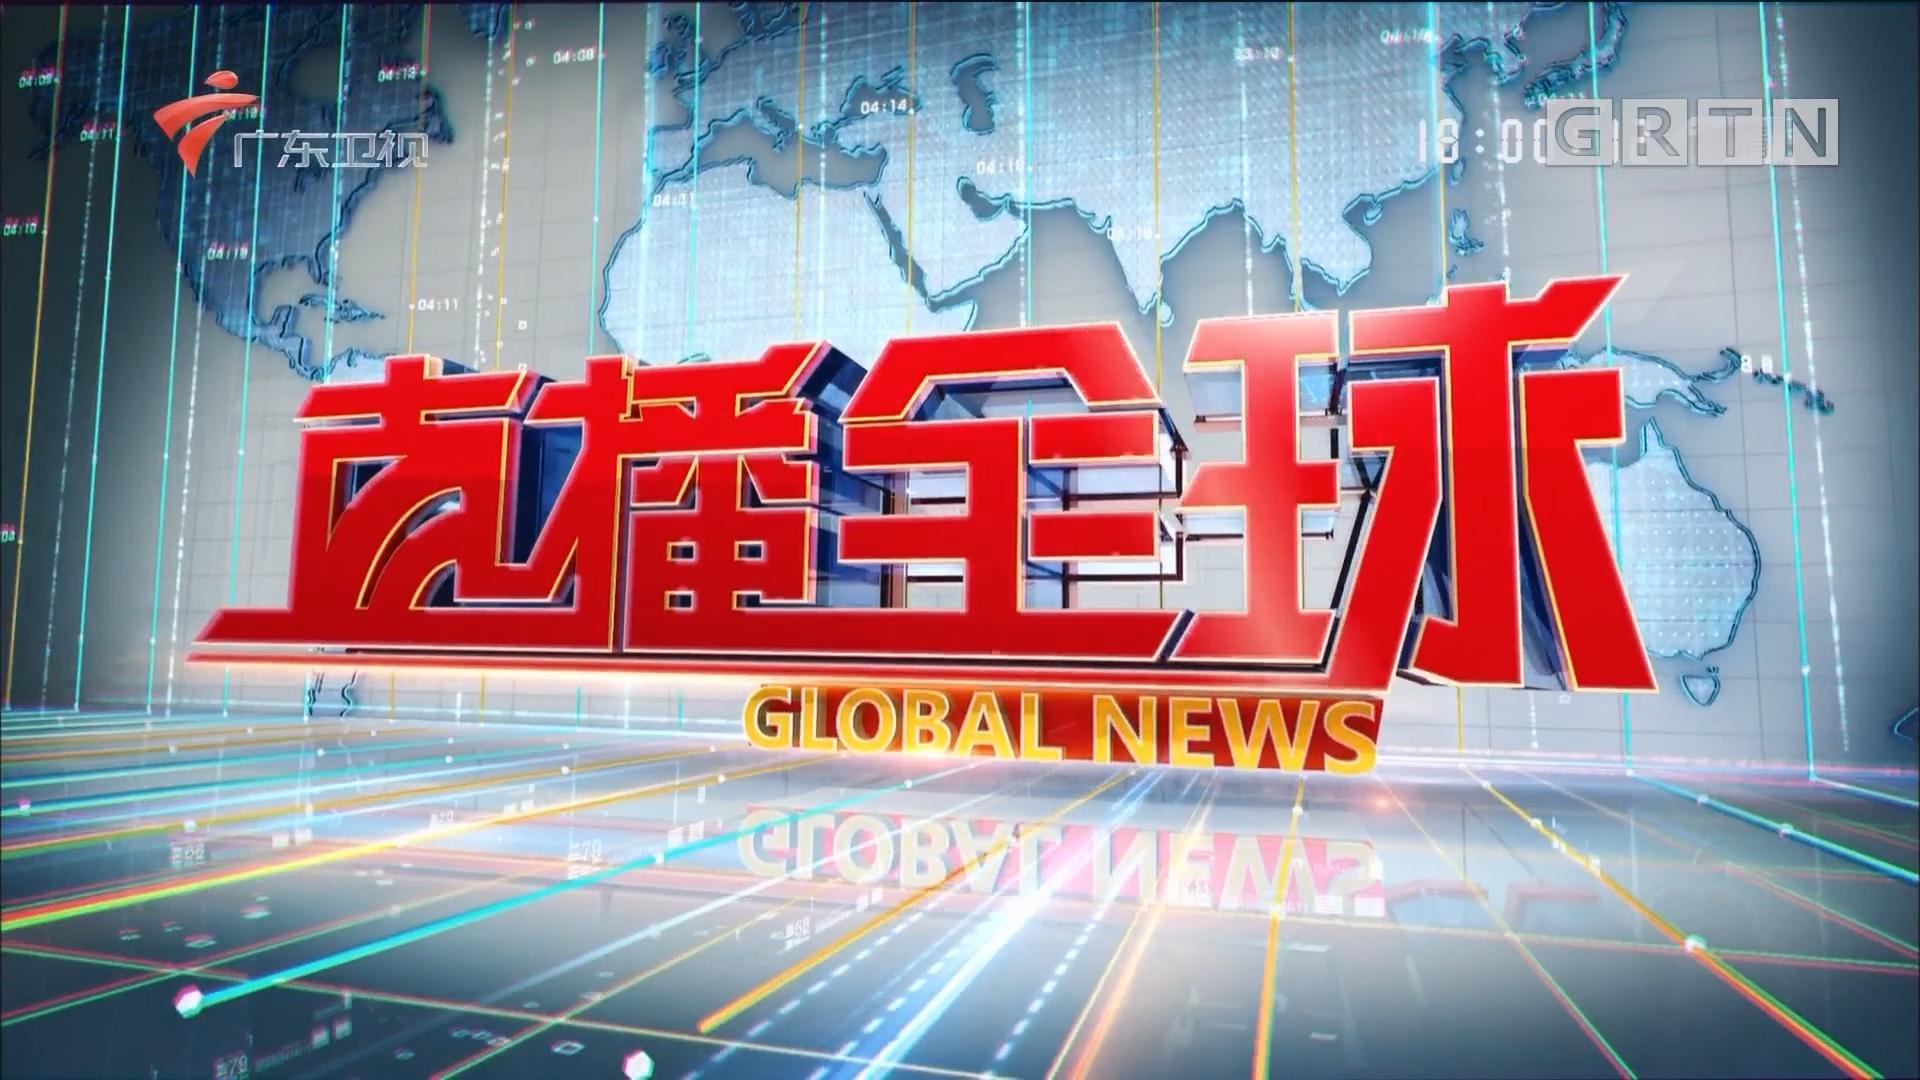 [HD][2018-08-10]直播全球:朝鲜喊话美国:你们的诚意在哪里? 朝外务省:美应对朝方诚意予以积极回应